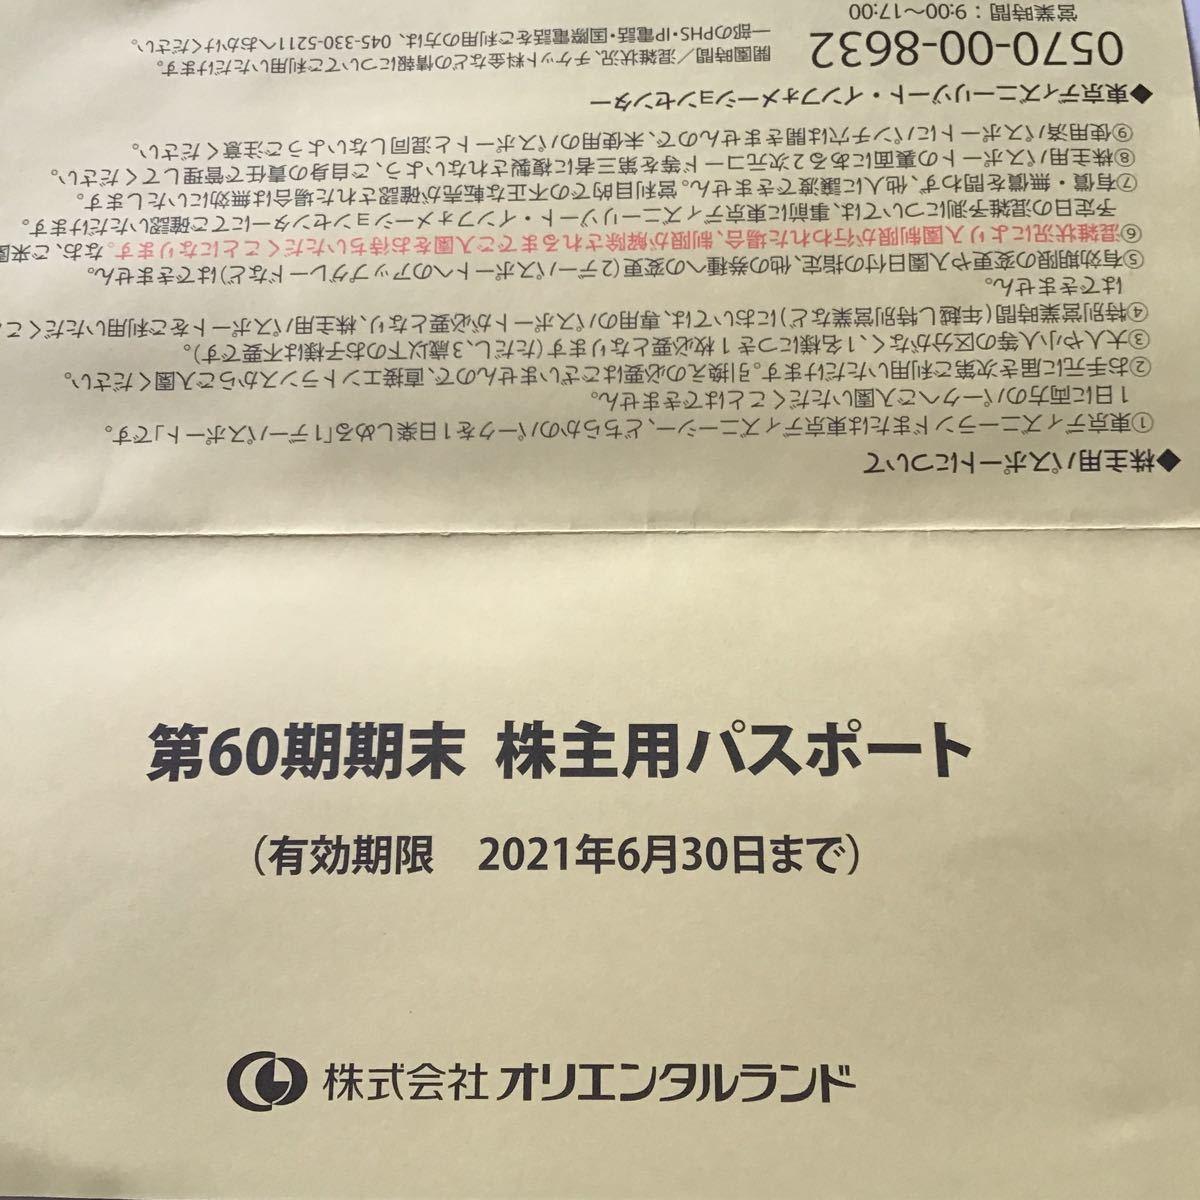 東京ディズニーリゾート 株主優待パスポート オリエンタルランド 株主優待券 チケット パスポート 2022年1月31日 延長有効期限_画像3